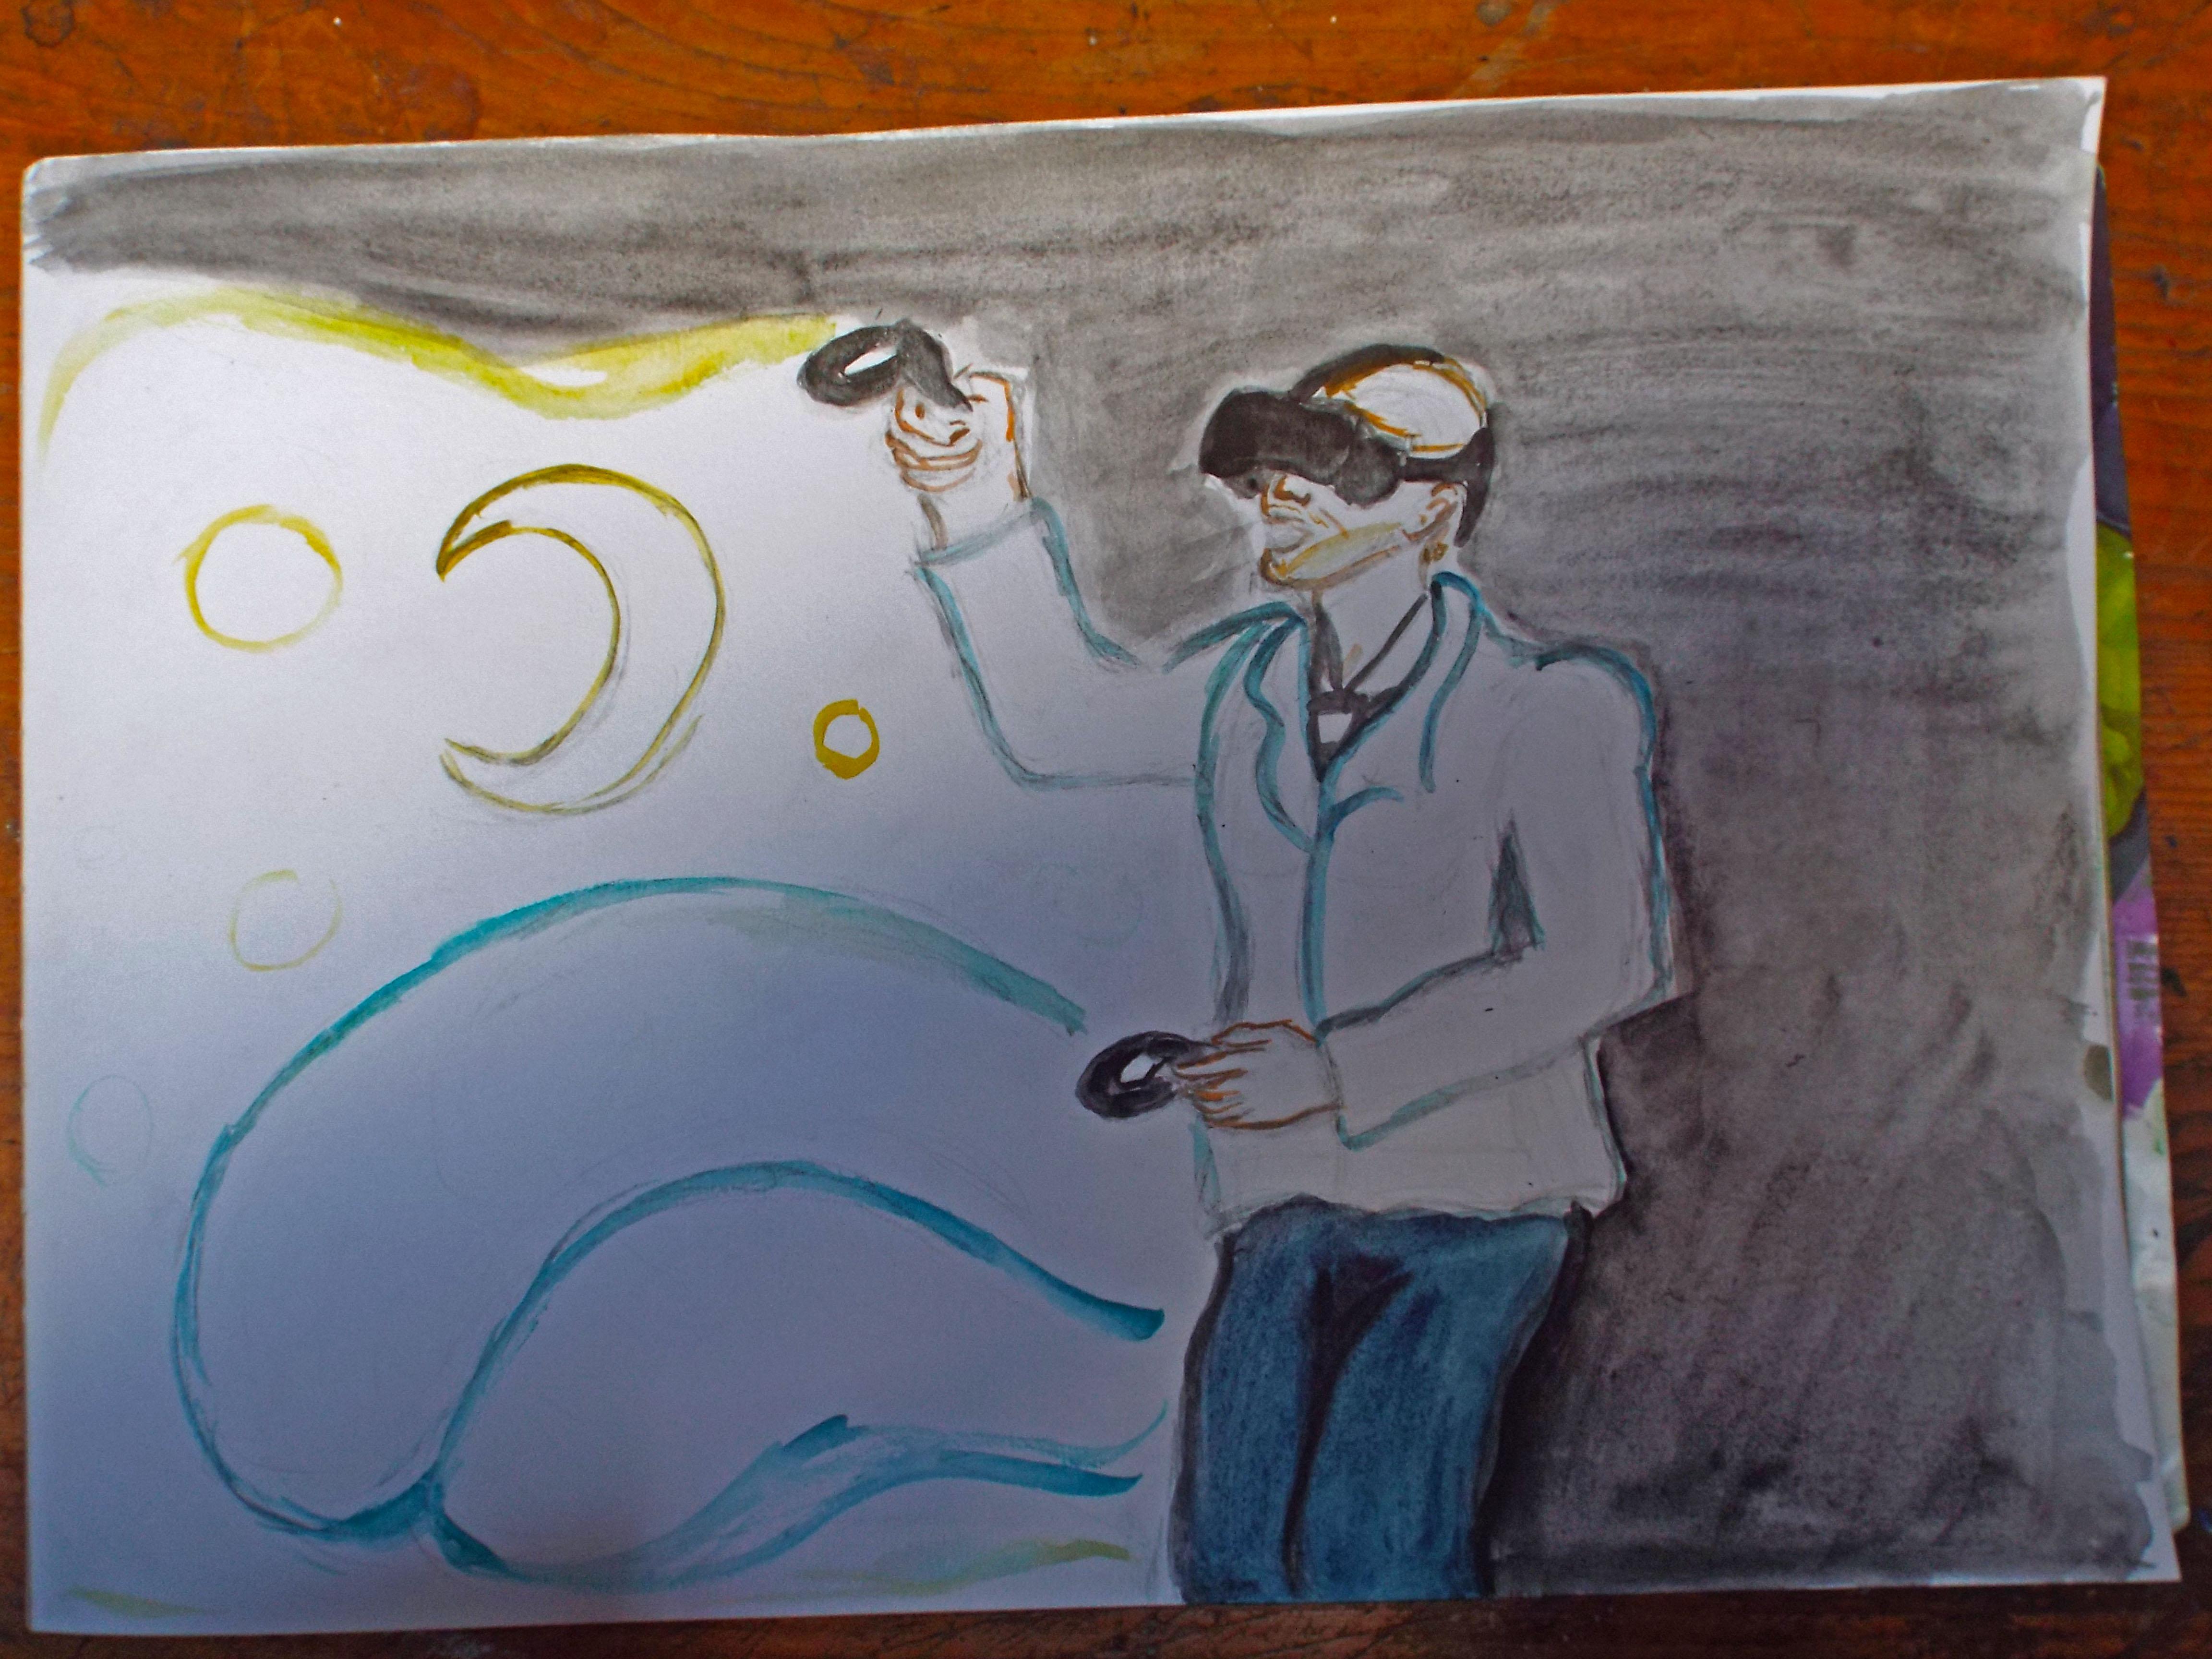 WIP of van gogh painting in vr